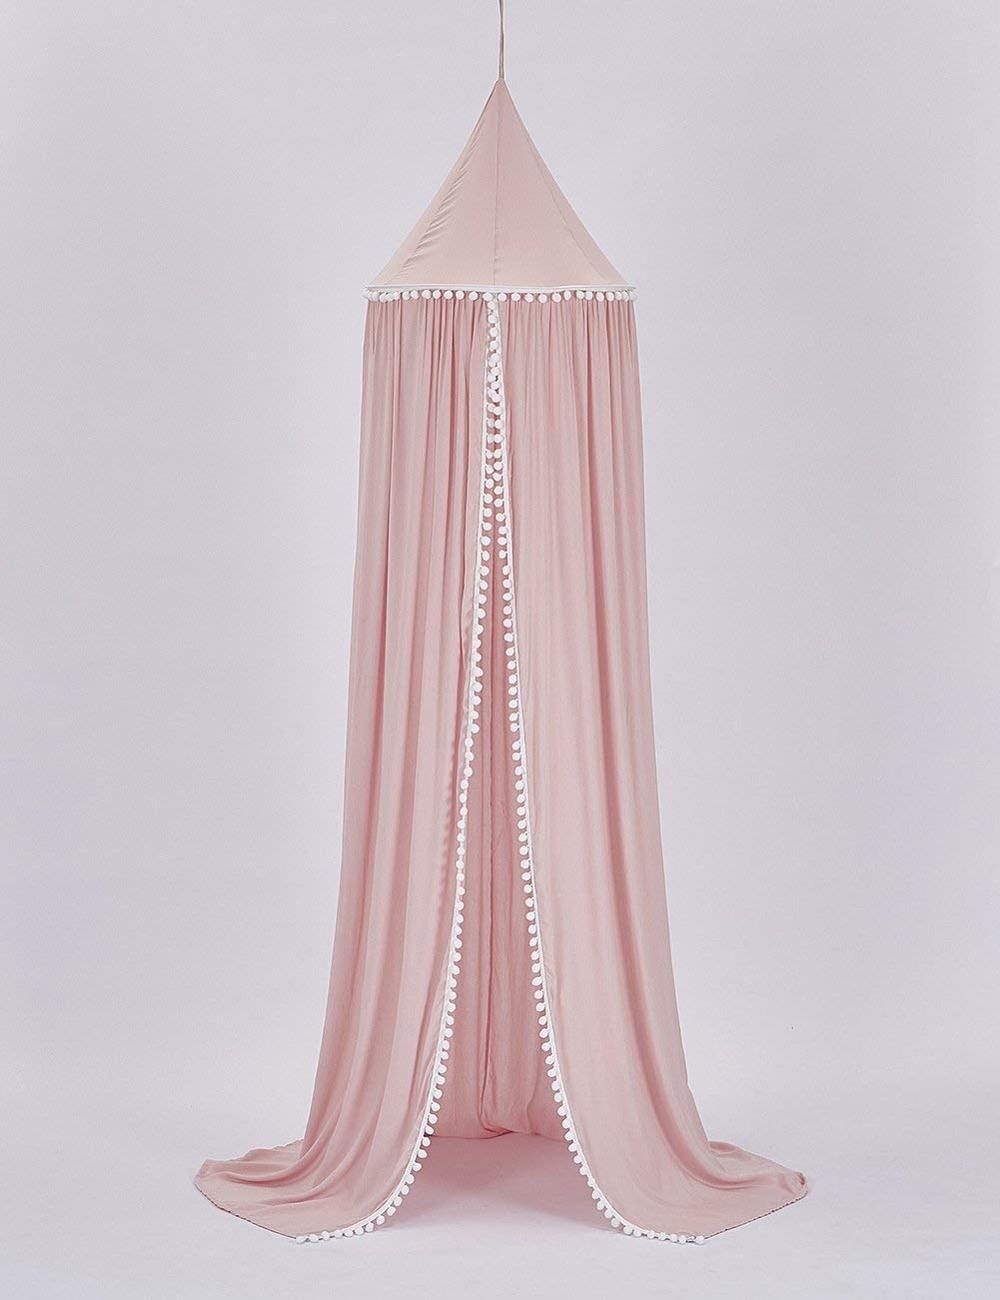 Пряжа шары детская кровать навес с помпонами Висячие/Москитная сетка для детской кроватки замок Игровая палатка детская игровая комната Декор - Цвет: Pink with pom pom